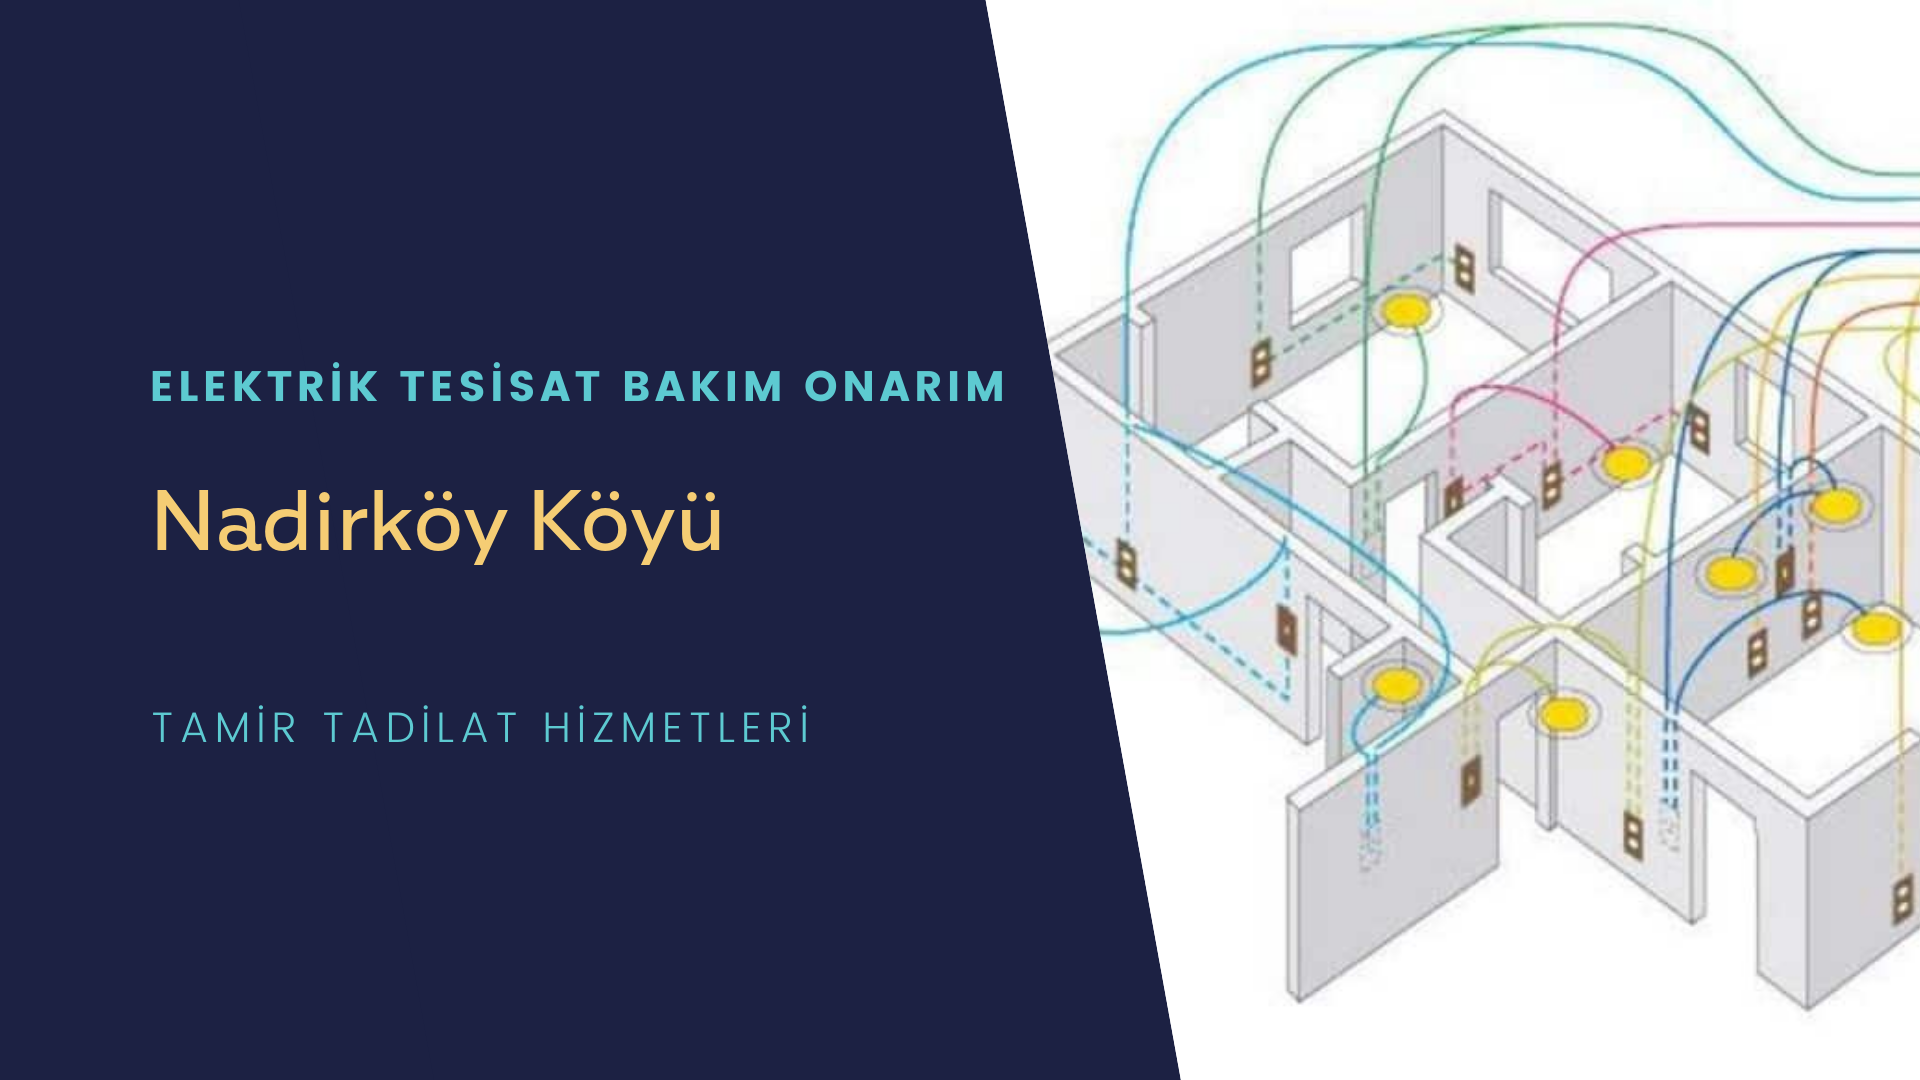 Nadirköy Köyü  elektrik tesisatıustalarımı arıyorsunuz doğru adrestenizi Nadirköy Köyü elektrik tesisatı ustalarımız 7/24 sizlere hizmet vermekten mutluluk duyar.